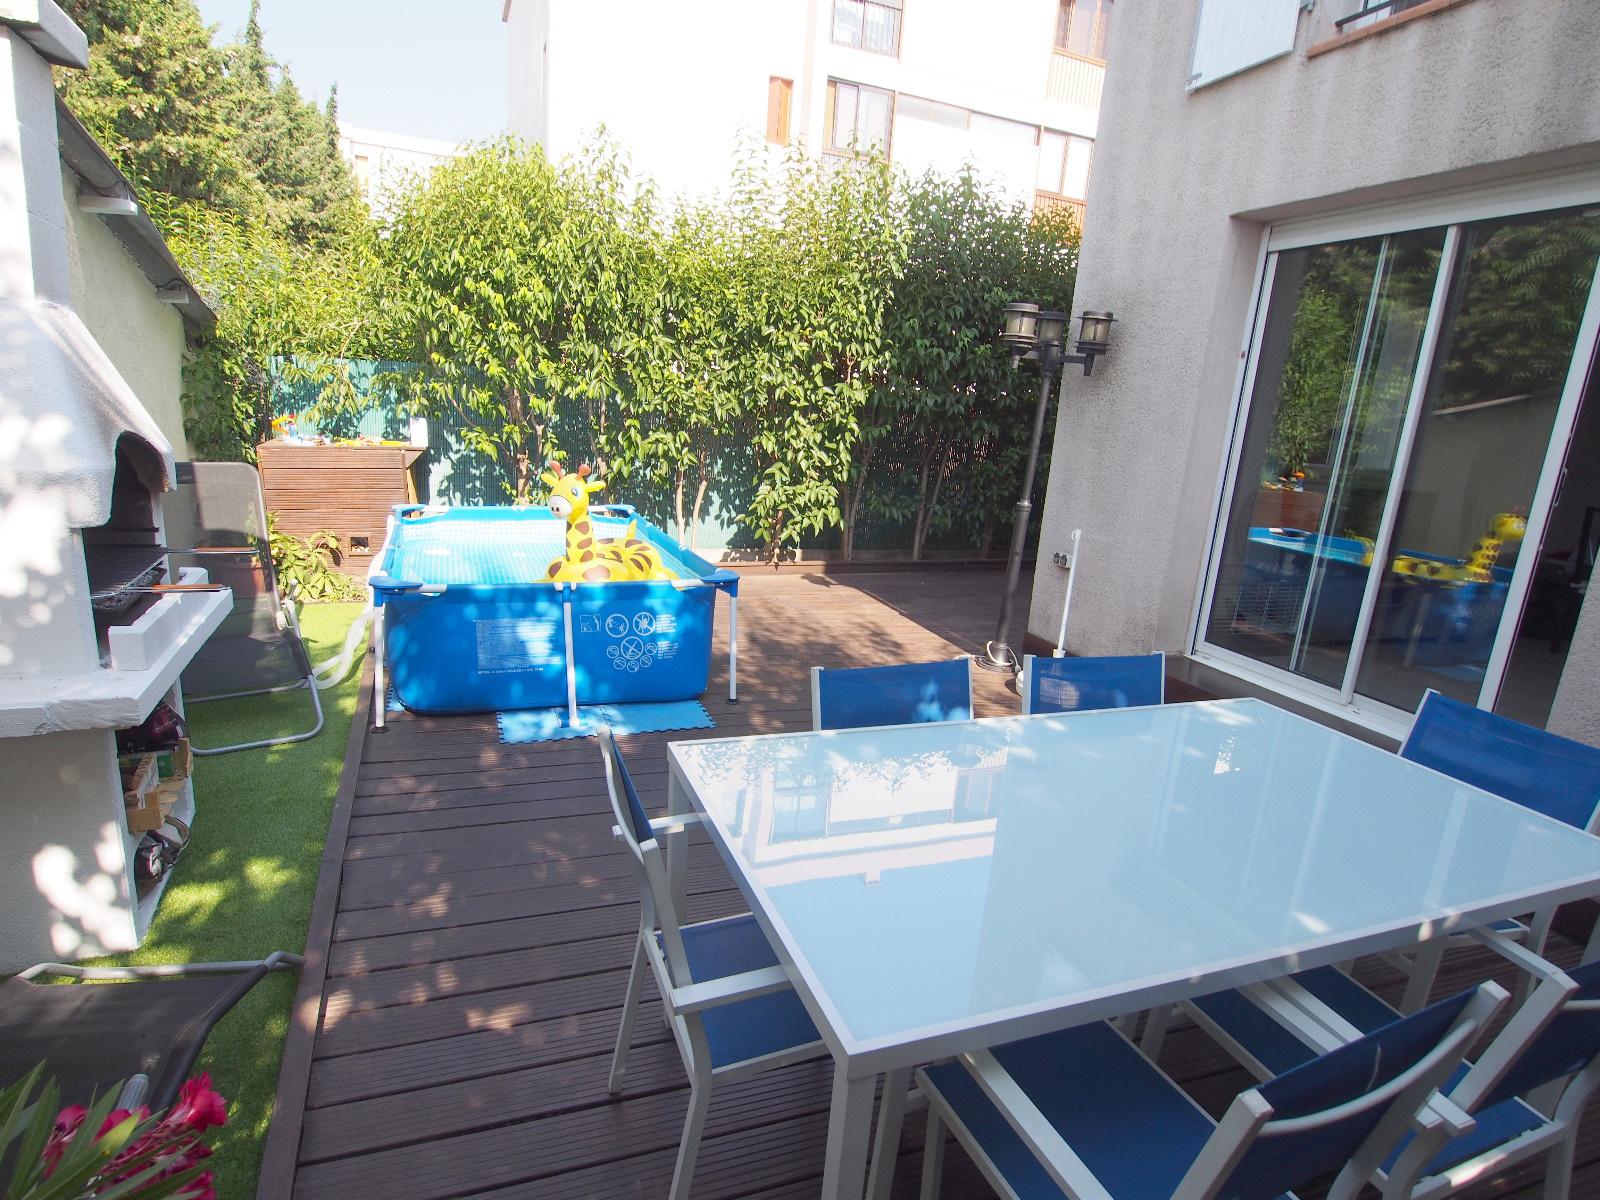 Annonce Vente Maison Marseille 11 70 M 253 000 992737977216